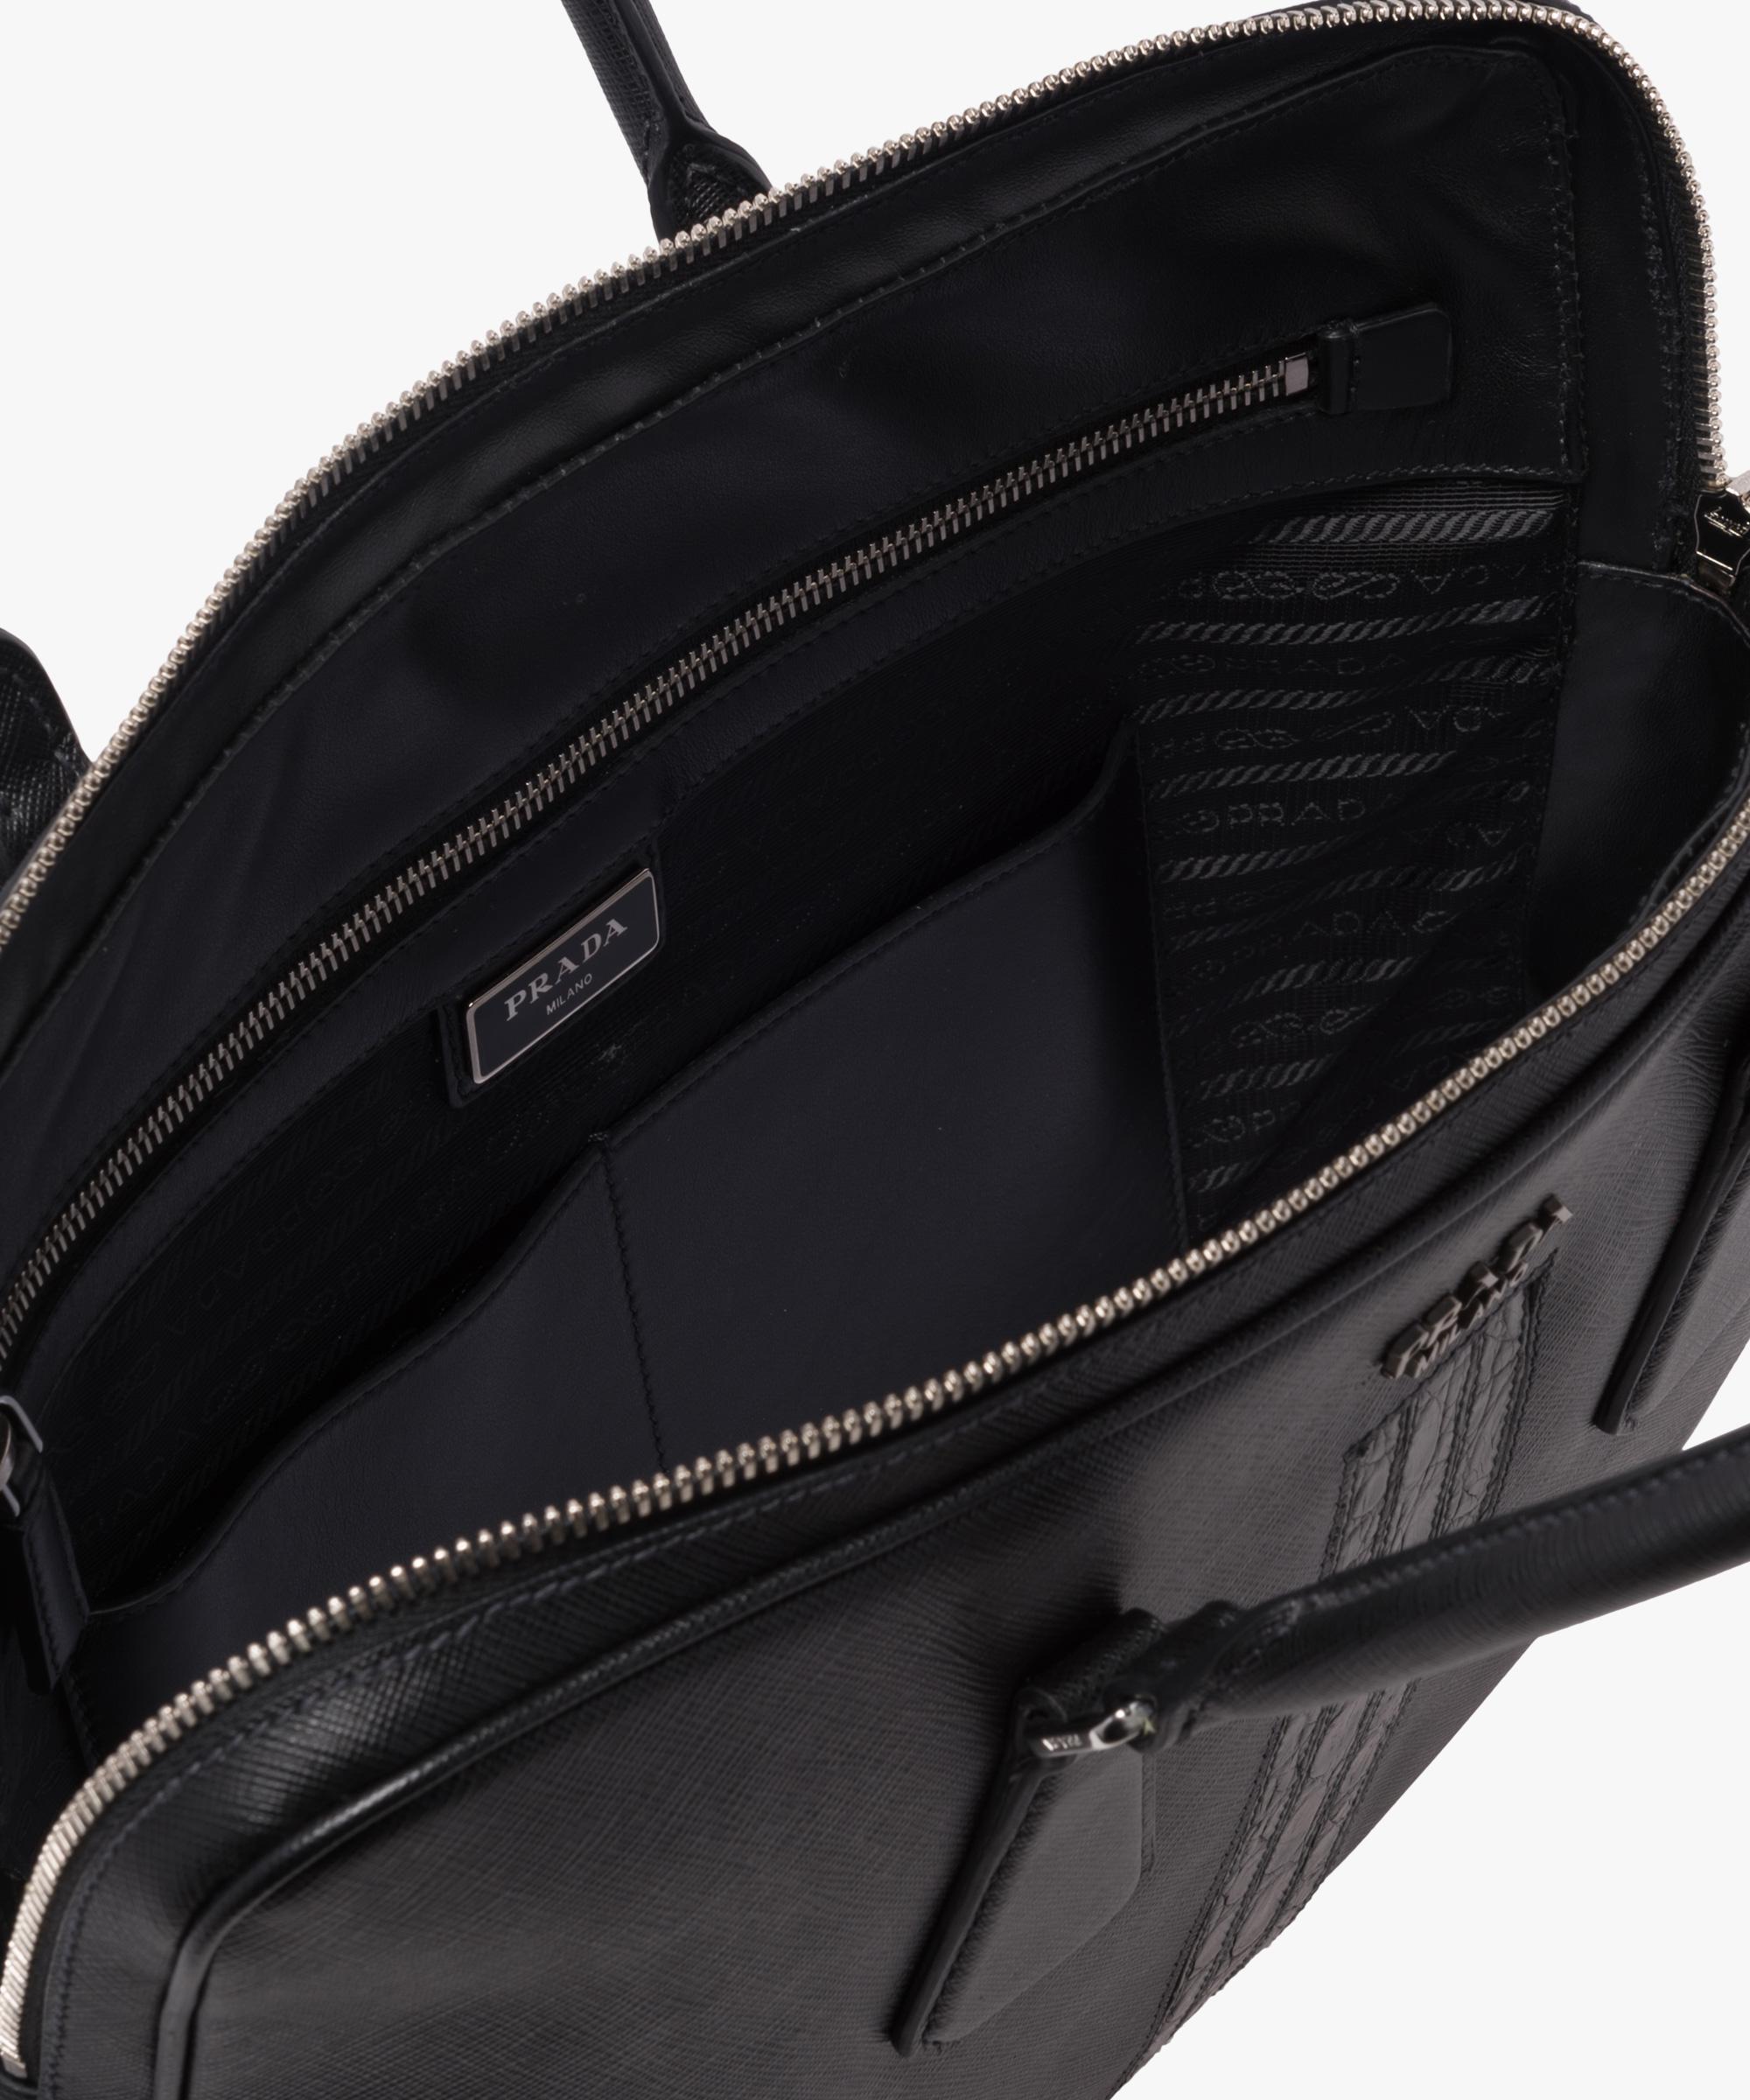 490bec28 Men's Black Saffiano Leather Work Bag